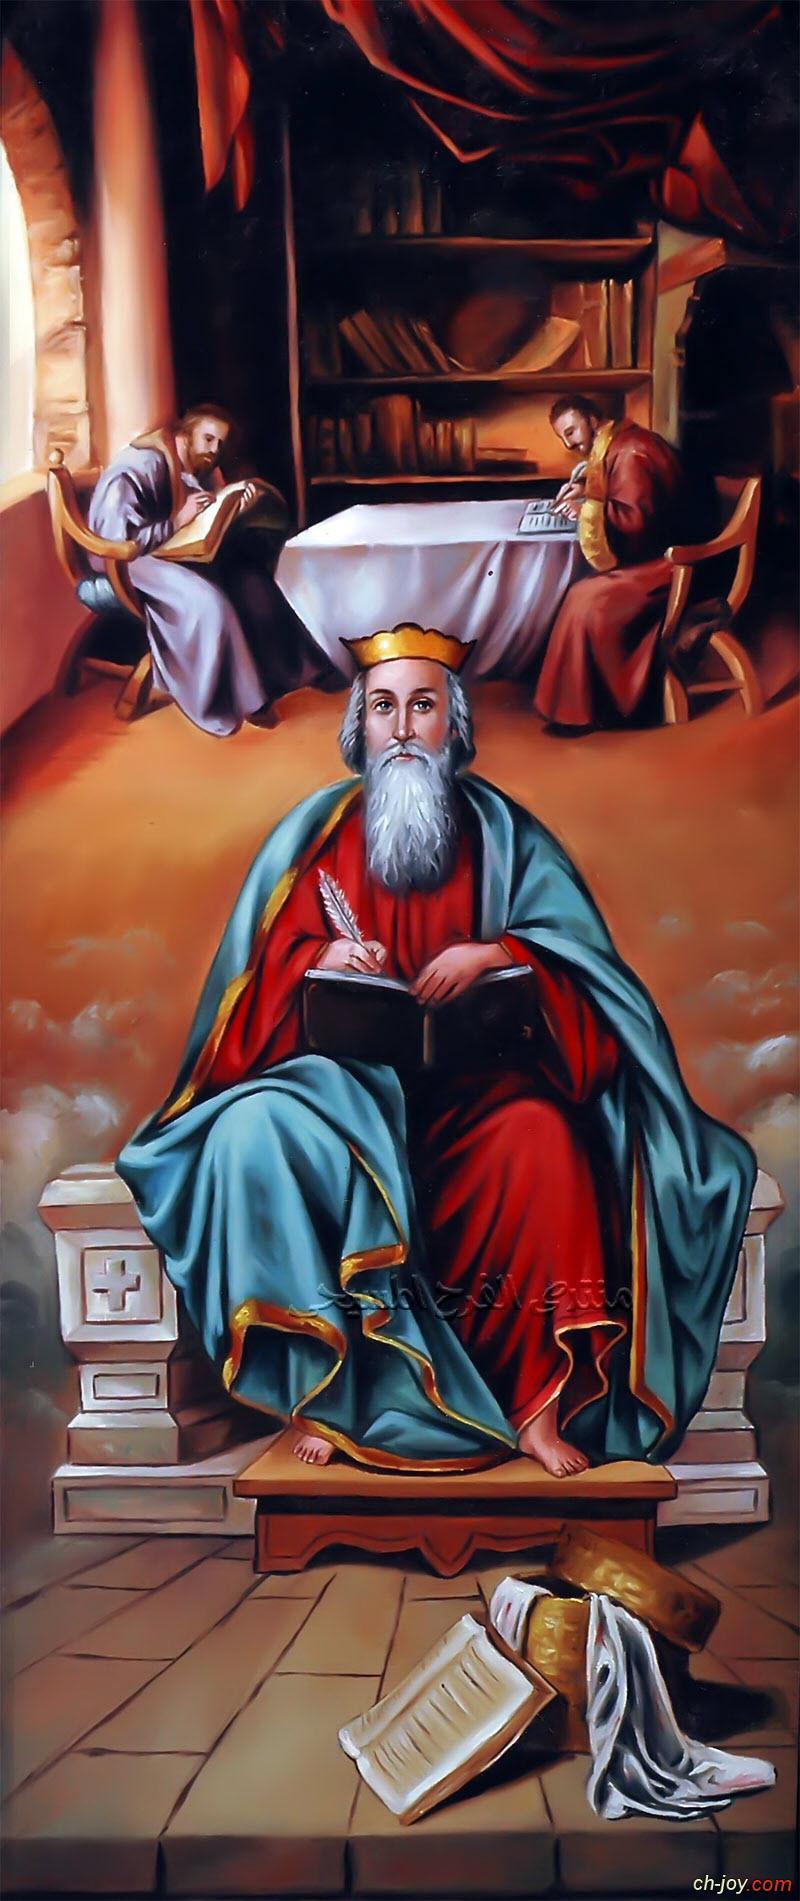 بوستر صورة القديس يوليوس الاقفهصي كاتب سير الشهداء